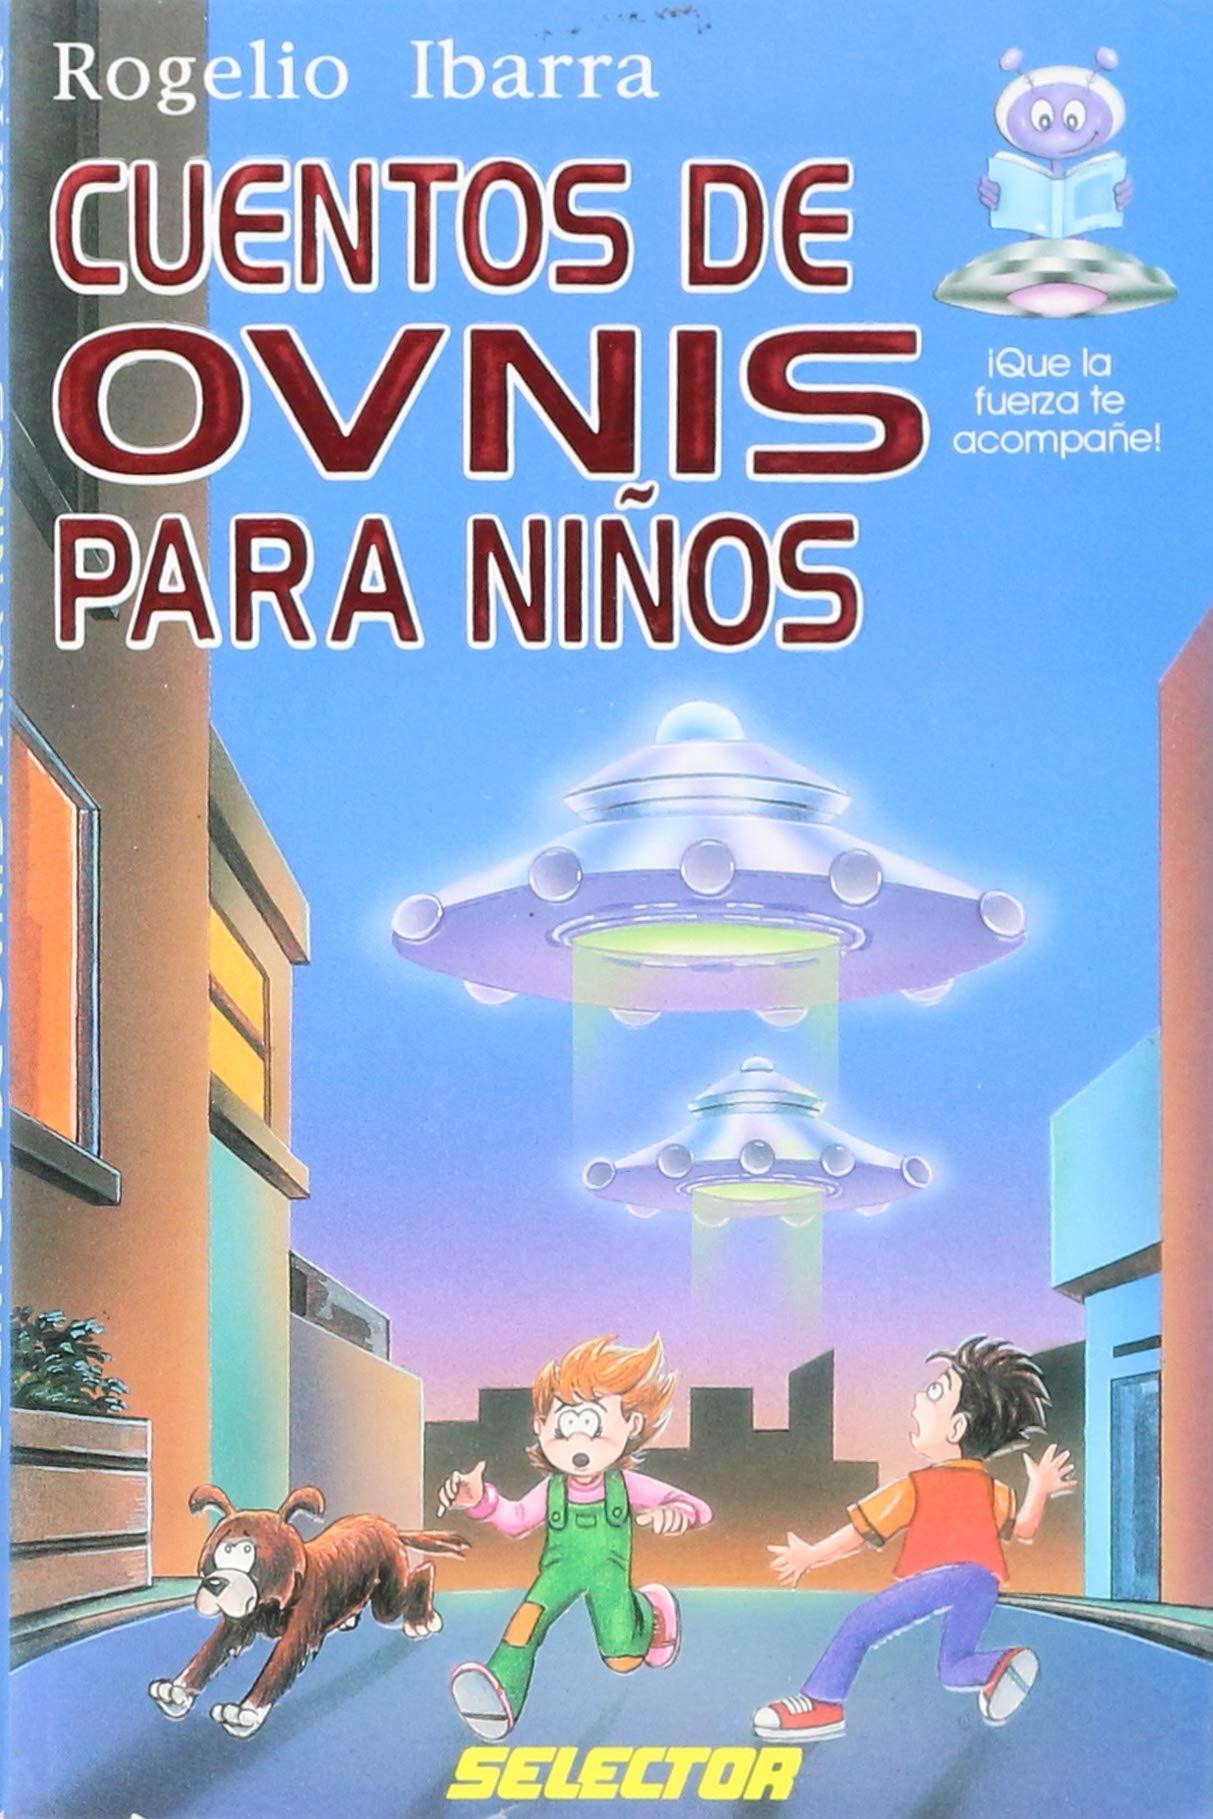 Cuentos de ovnis para ninos (Spanish Edition): Rogelio ...